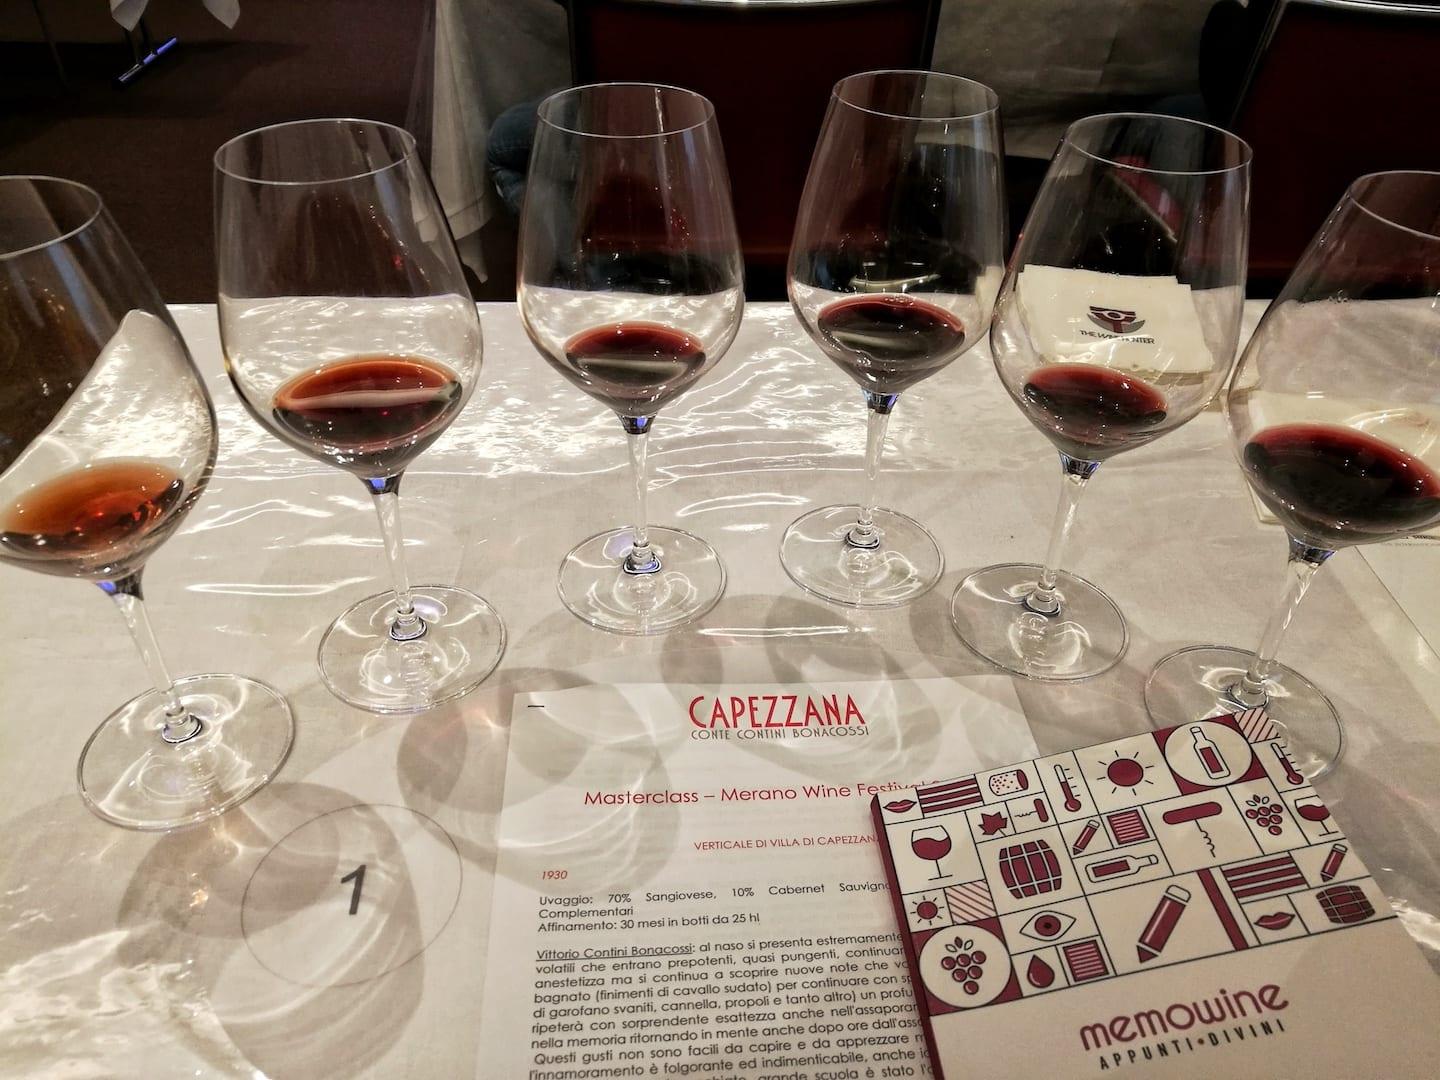 Degustazione Tenuta di Capezzana al Merano Wine Festival